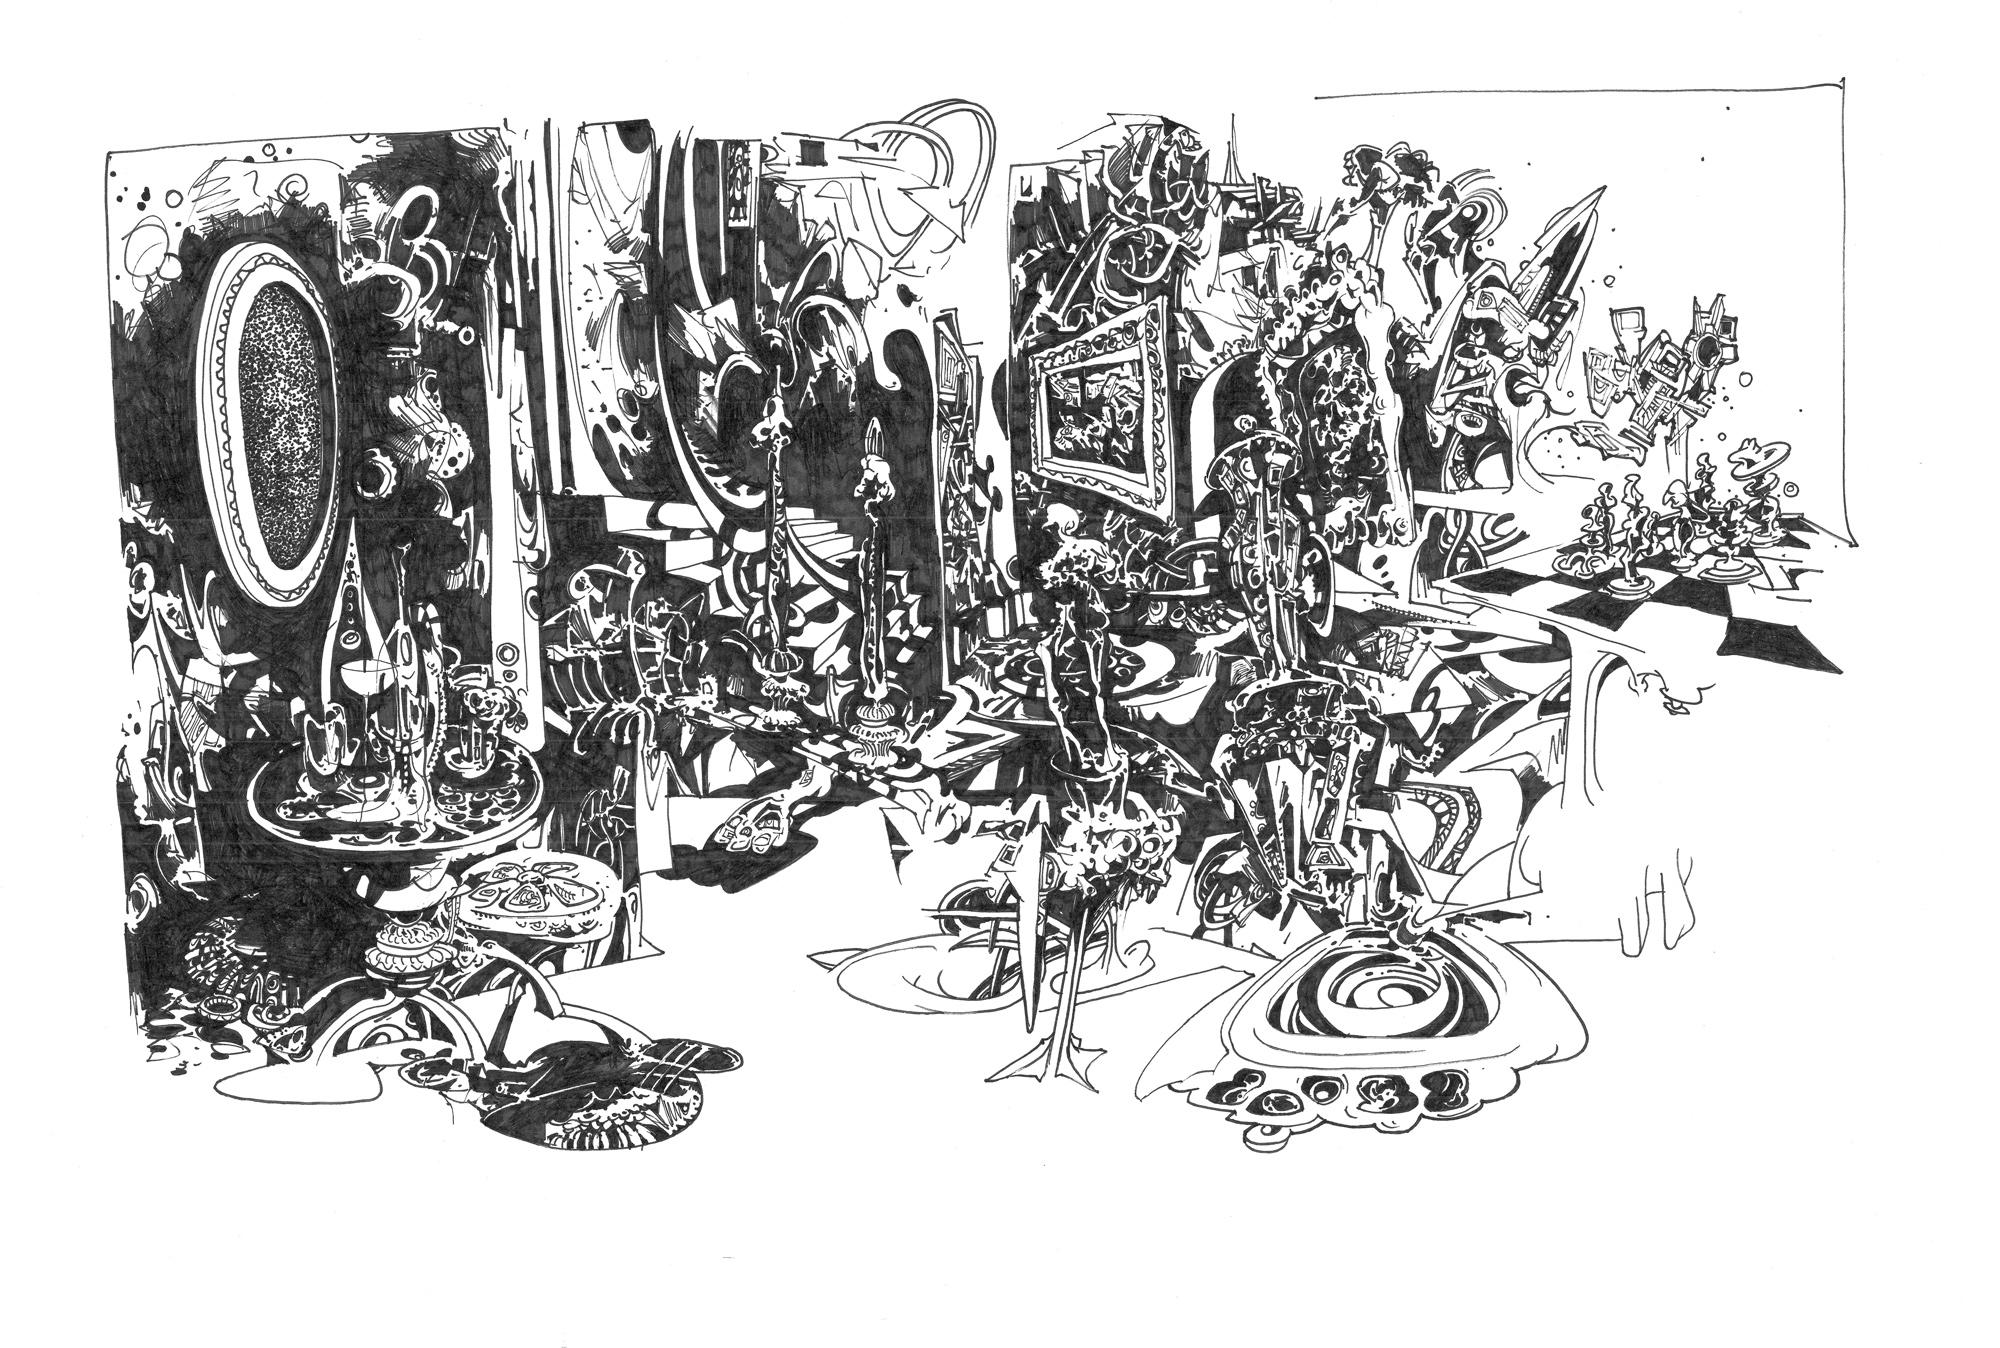 plakater-posters-kunsttryk, giclee-tryk, abstrakte, geometriske, surrealistiske, arkitektur, hverdagsliv, mønstre, sorte, hvide, papir, tusch, abstrakte-former, arkitektoniske, mad, Køb original kunst og kunstplakater. Malerier, tegninger, limited edition kunsttryk & plakater af dygtige kunstnere.